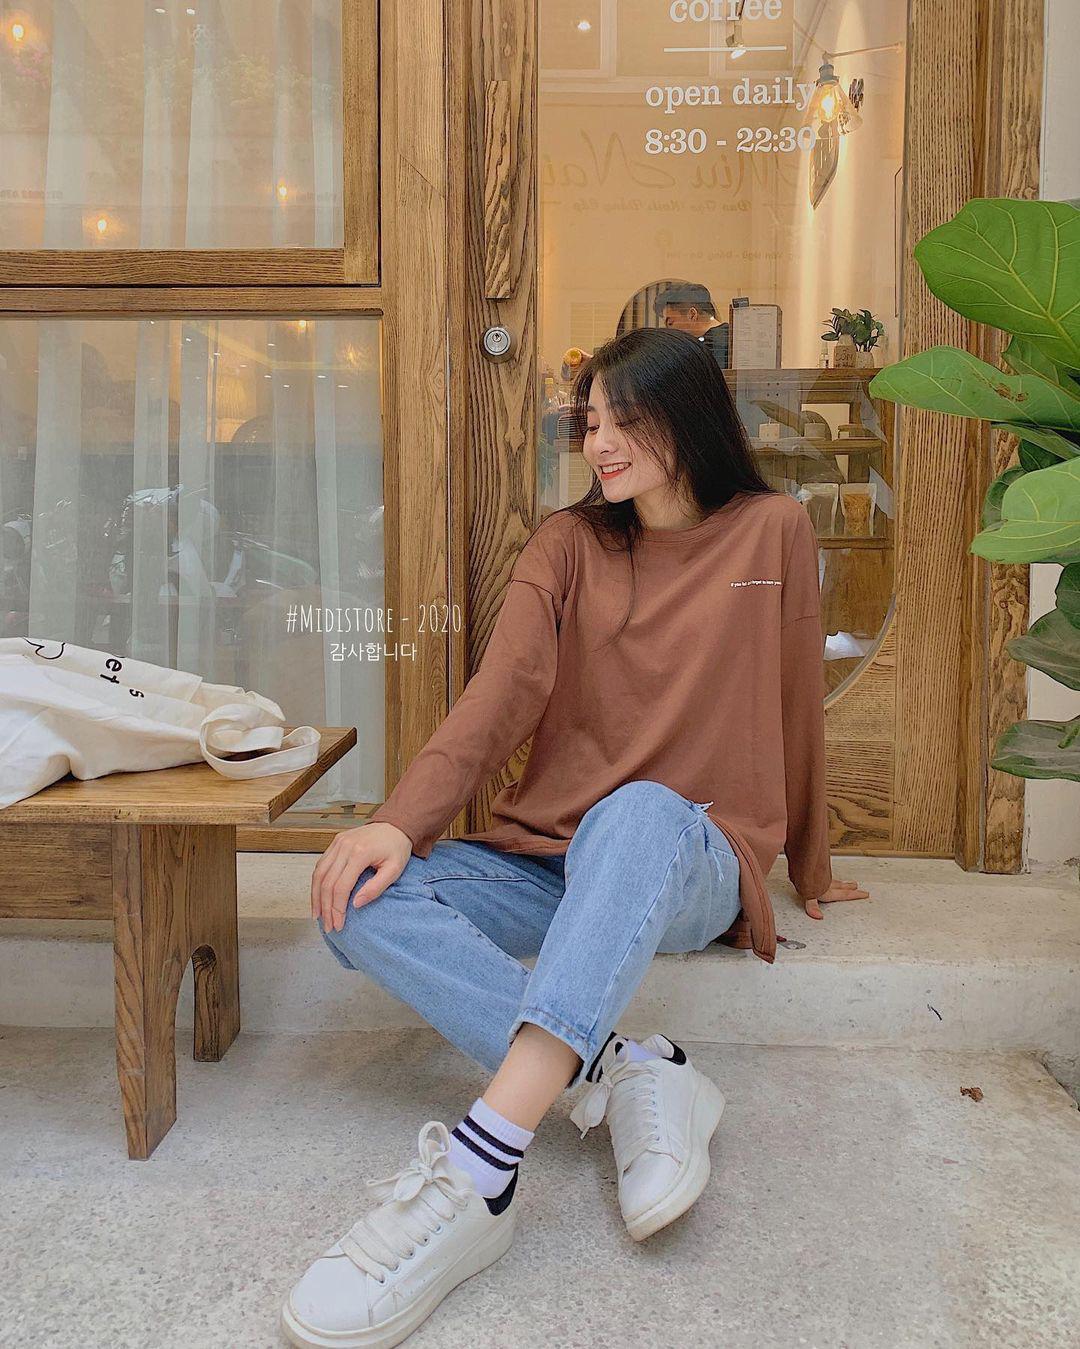 10 set đồ với quần jeans đáng sắm nhất tại các shop lúc này, giá cả thì cực kỳ yêu thương - Ảnh 4.